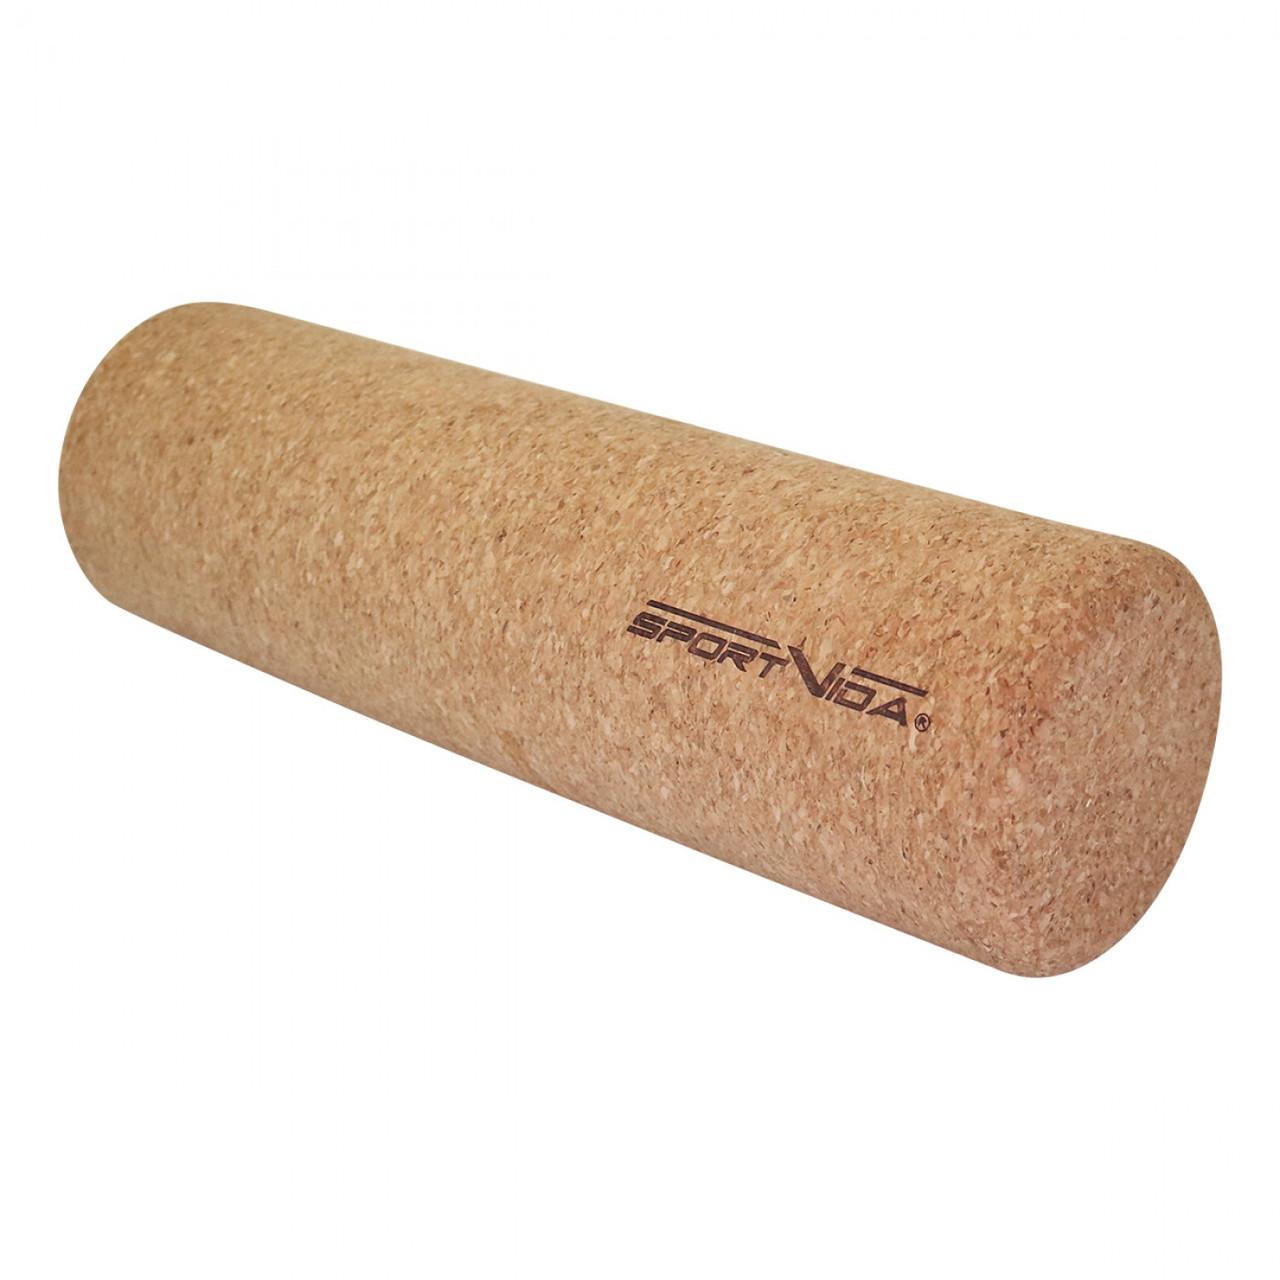 Масажний ролик (валик, роллер) з коркового дерева SportVida 33 x 10 см SV-HK0315